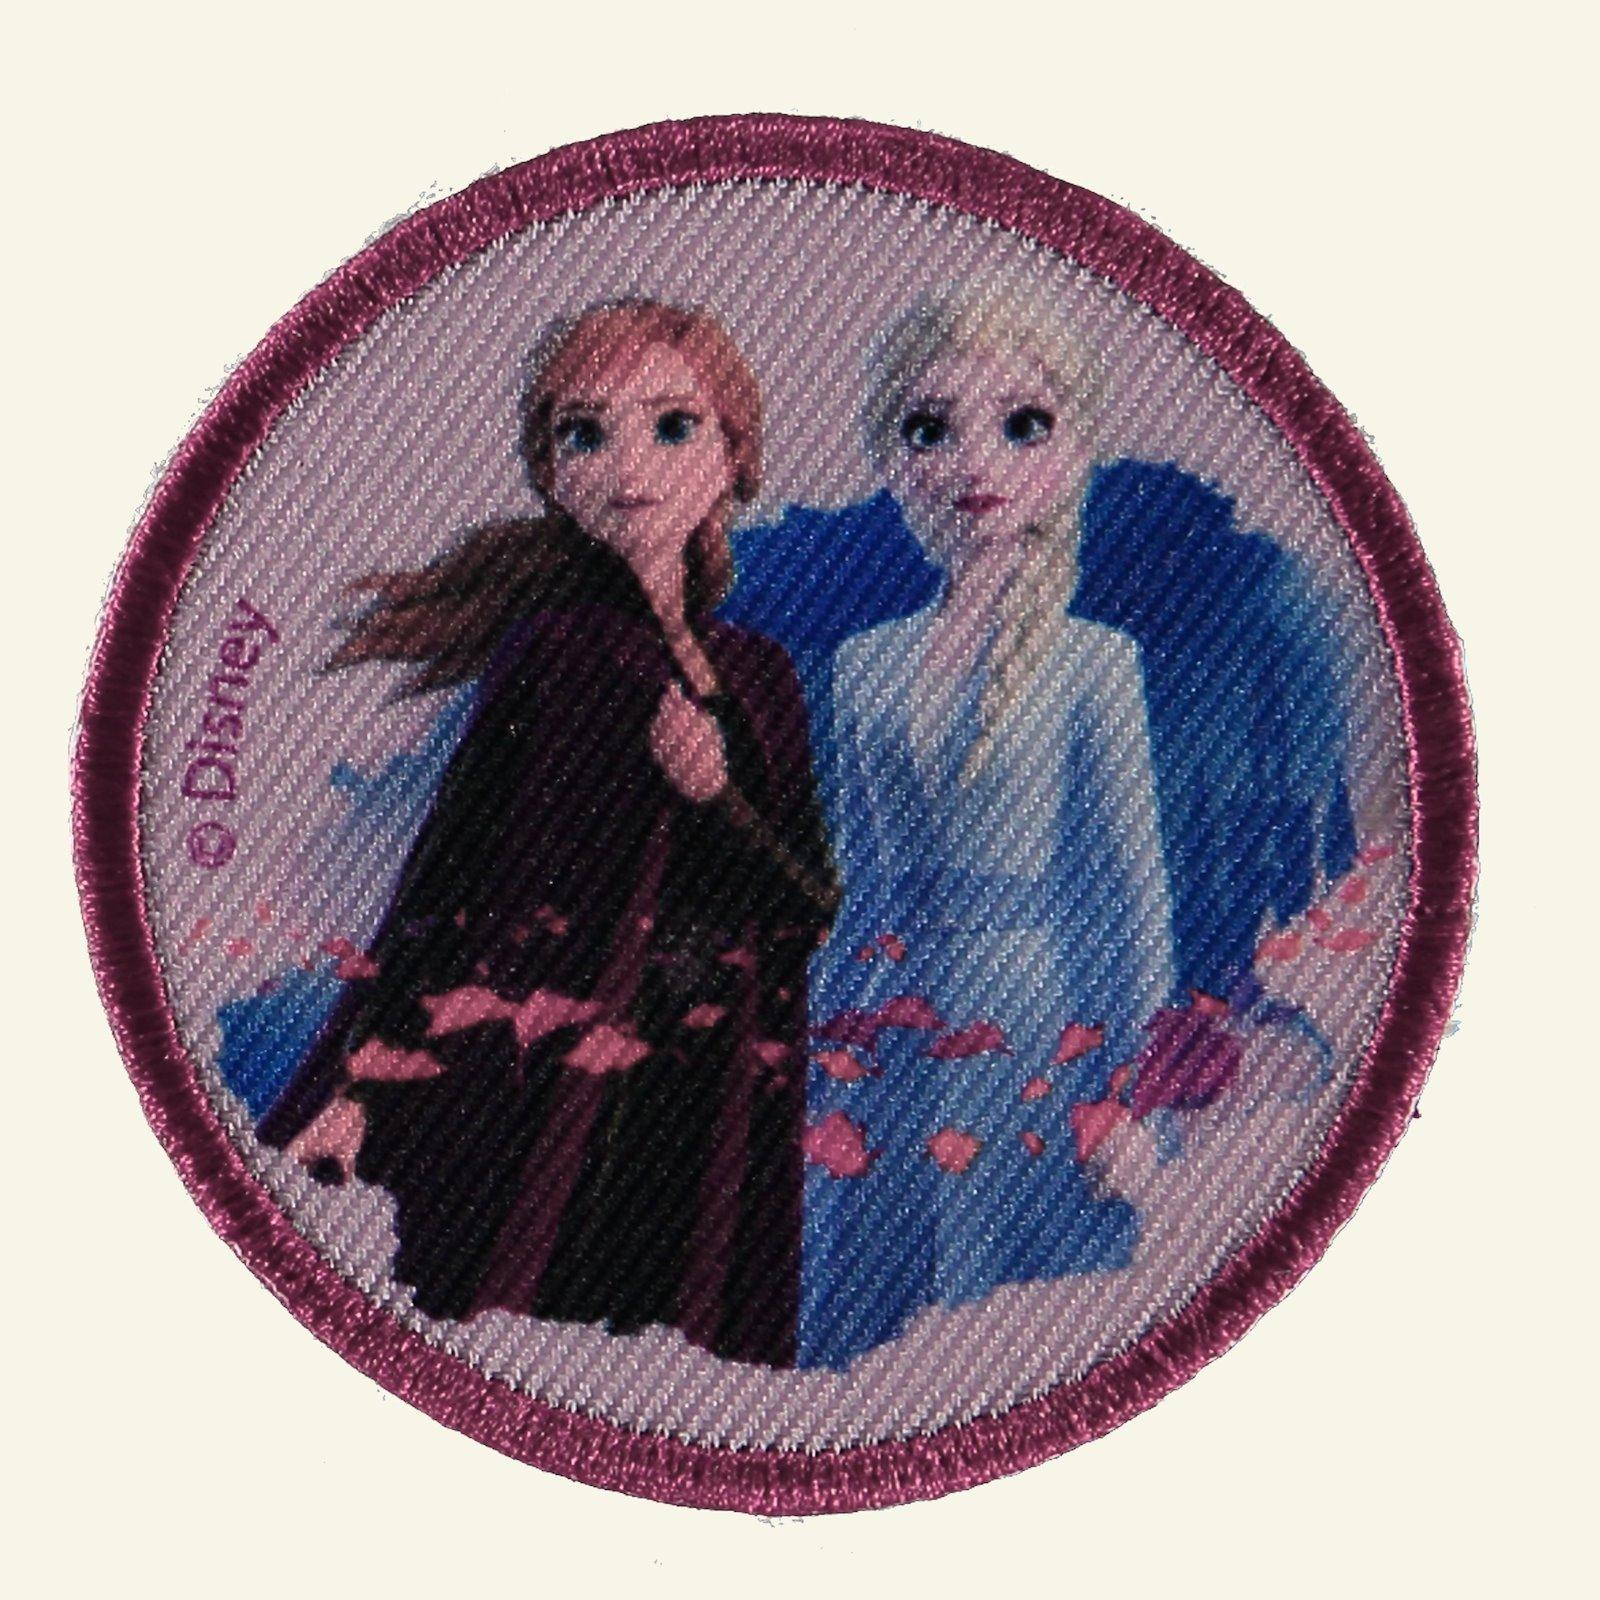 Patch FROZEN Anna/Elsa 65mm 1pc 26412_pack